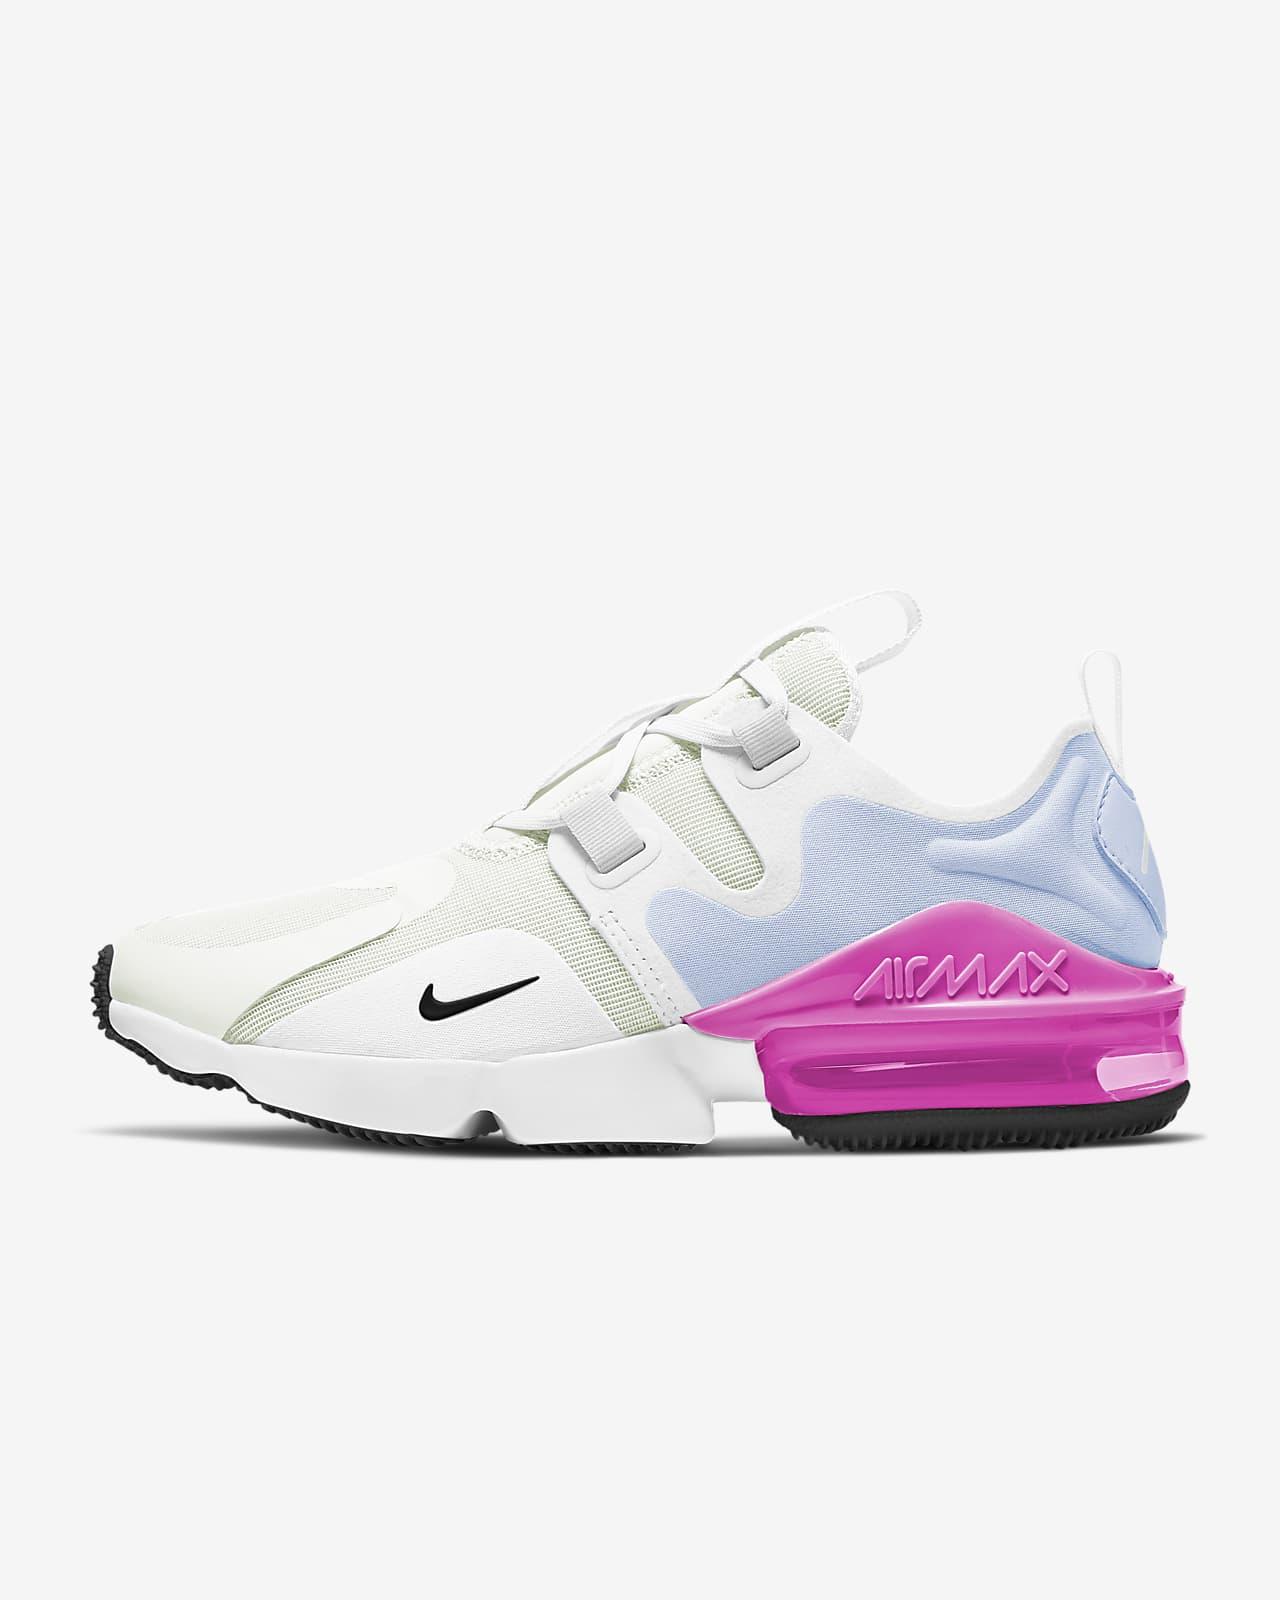 รองเท้าผู้หญิง Nike Air Max Infinity